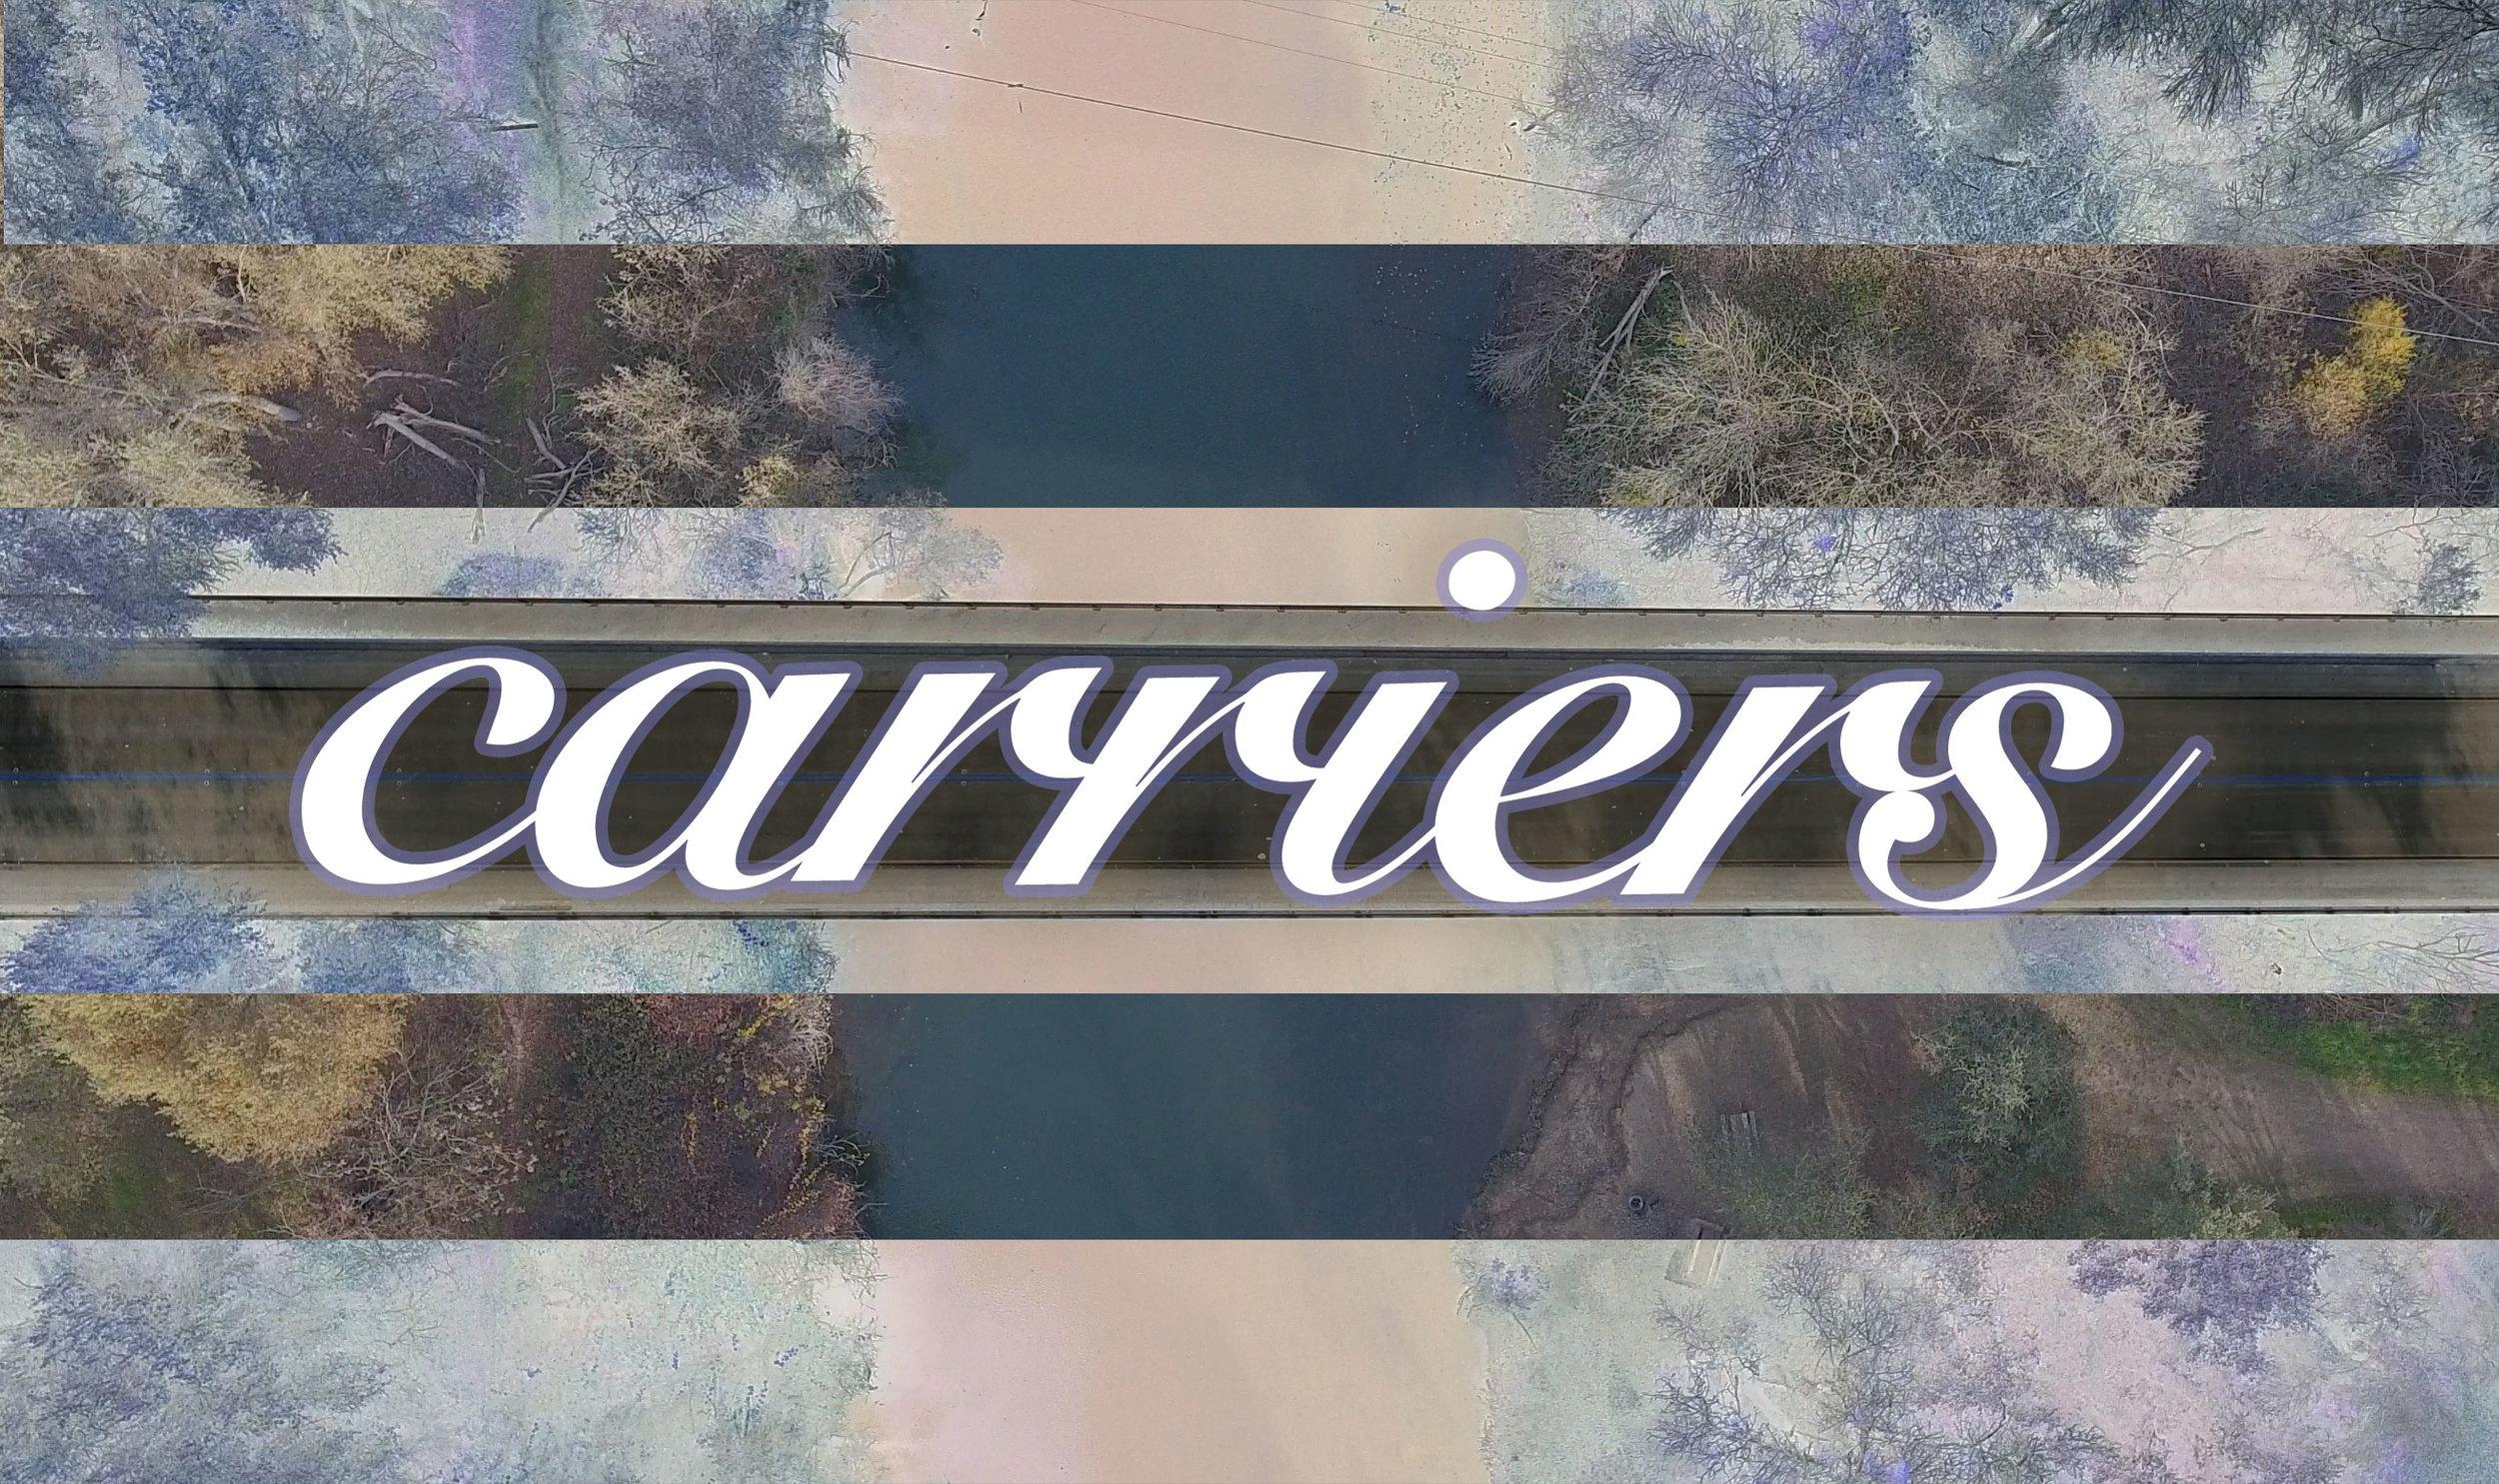 Carrierss.jpg